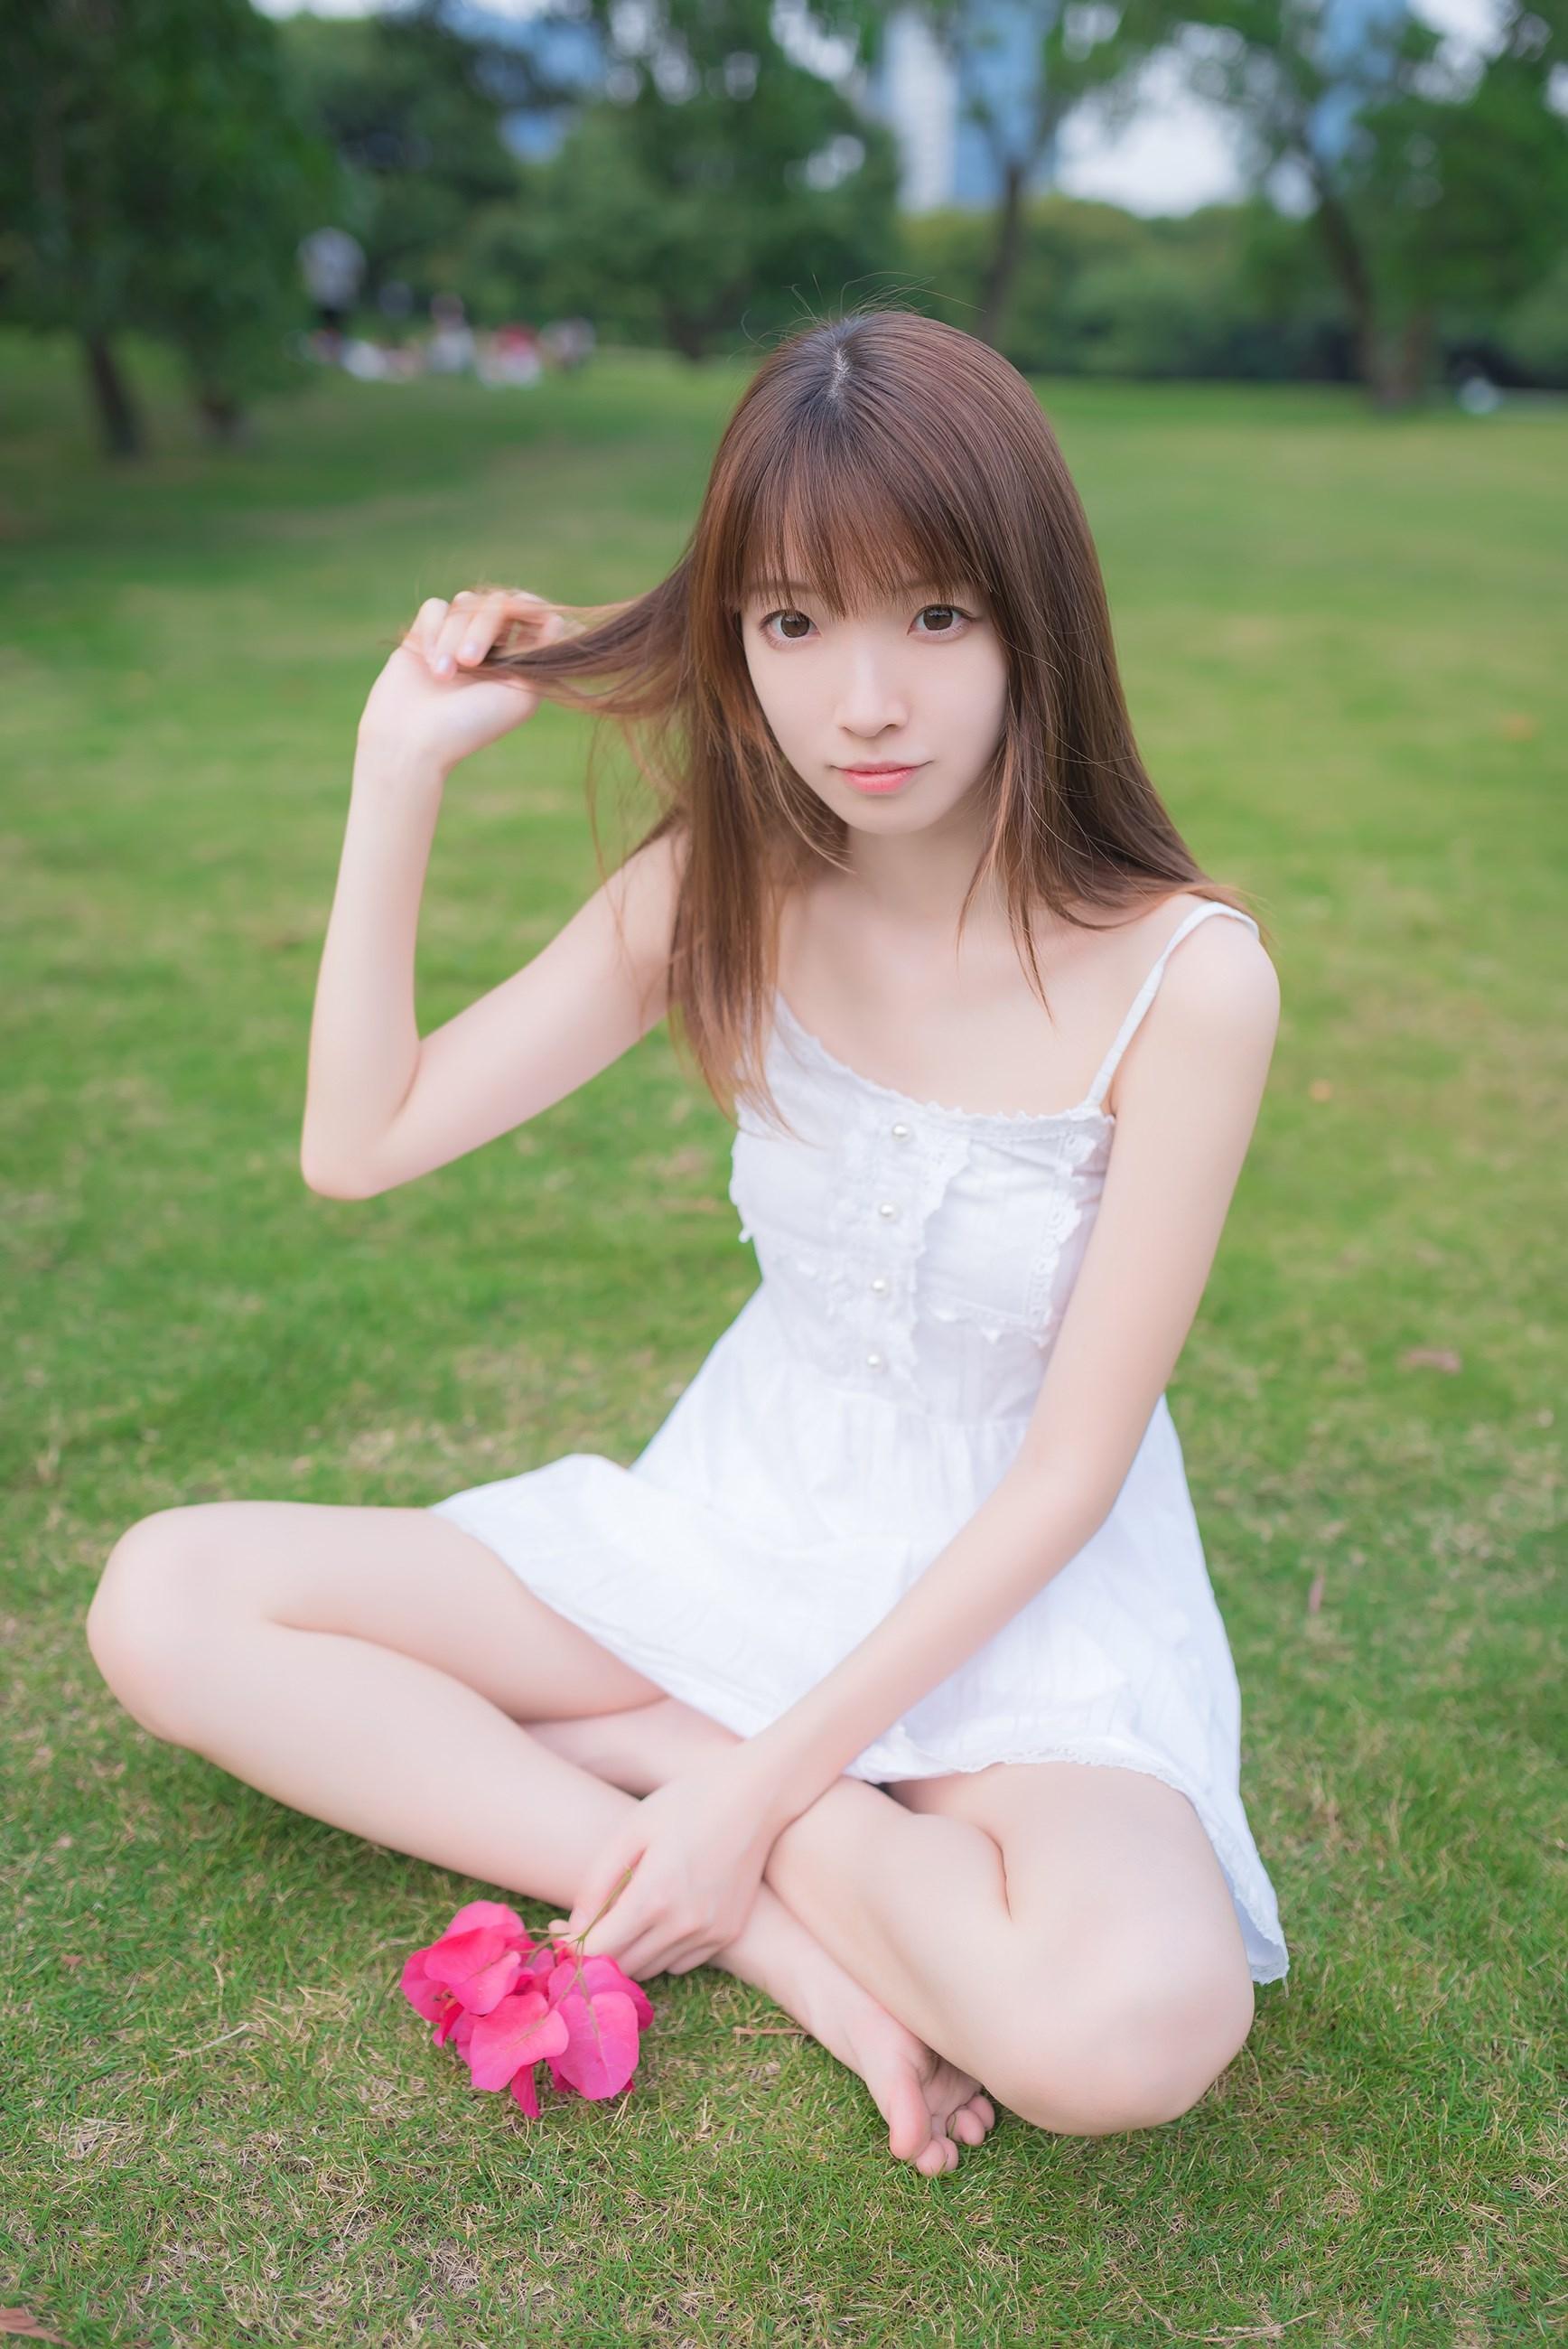 【兔玩映画】青春的气息 兔玩映画 第15张